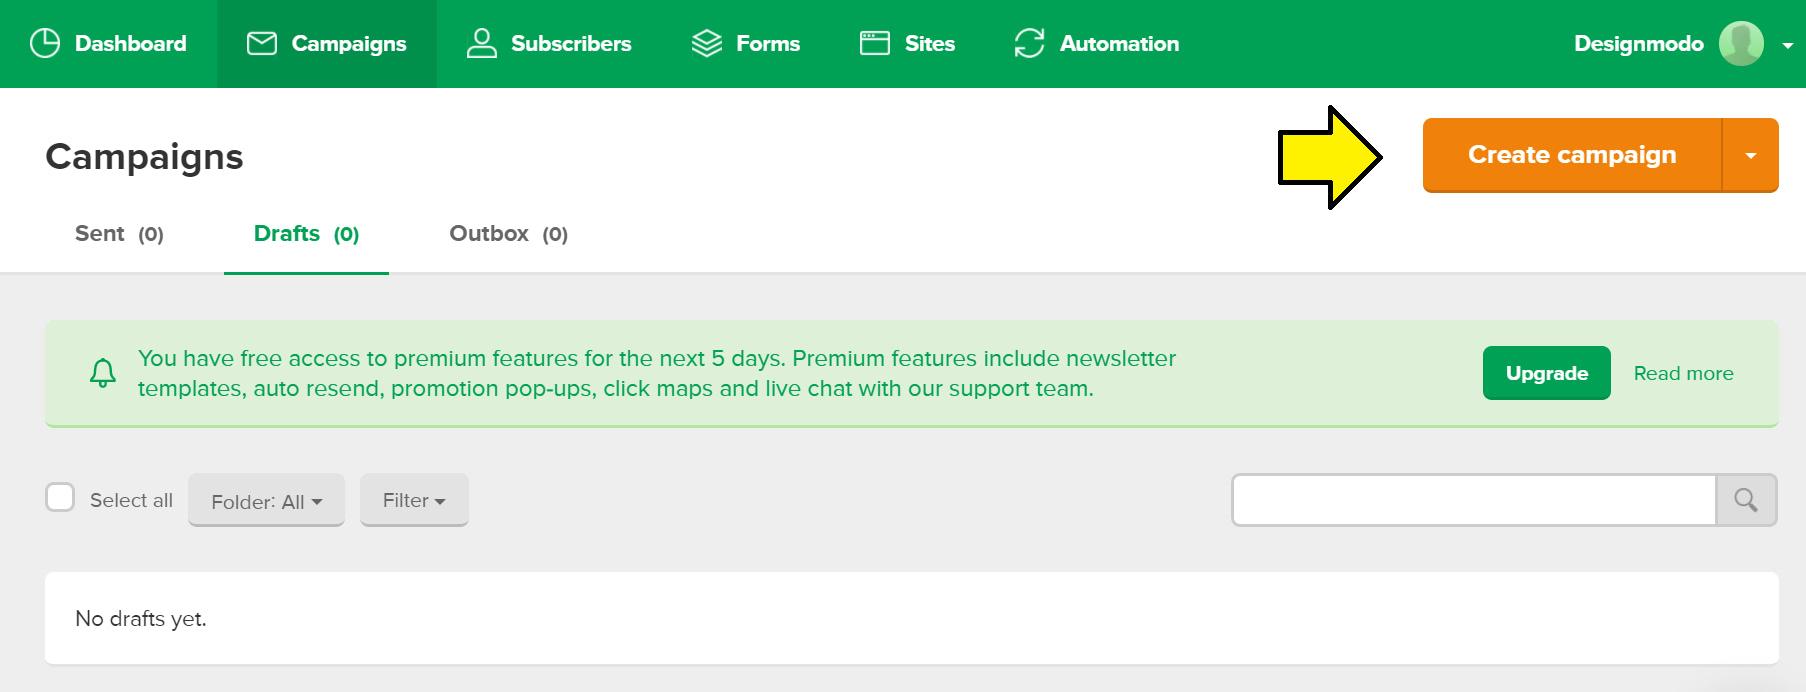 Create a custom campaign in Mailerlite